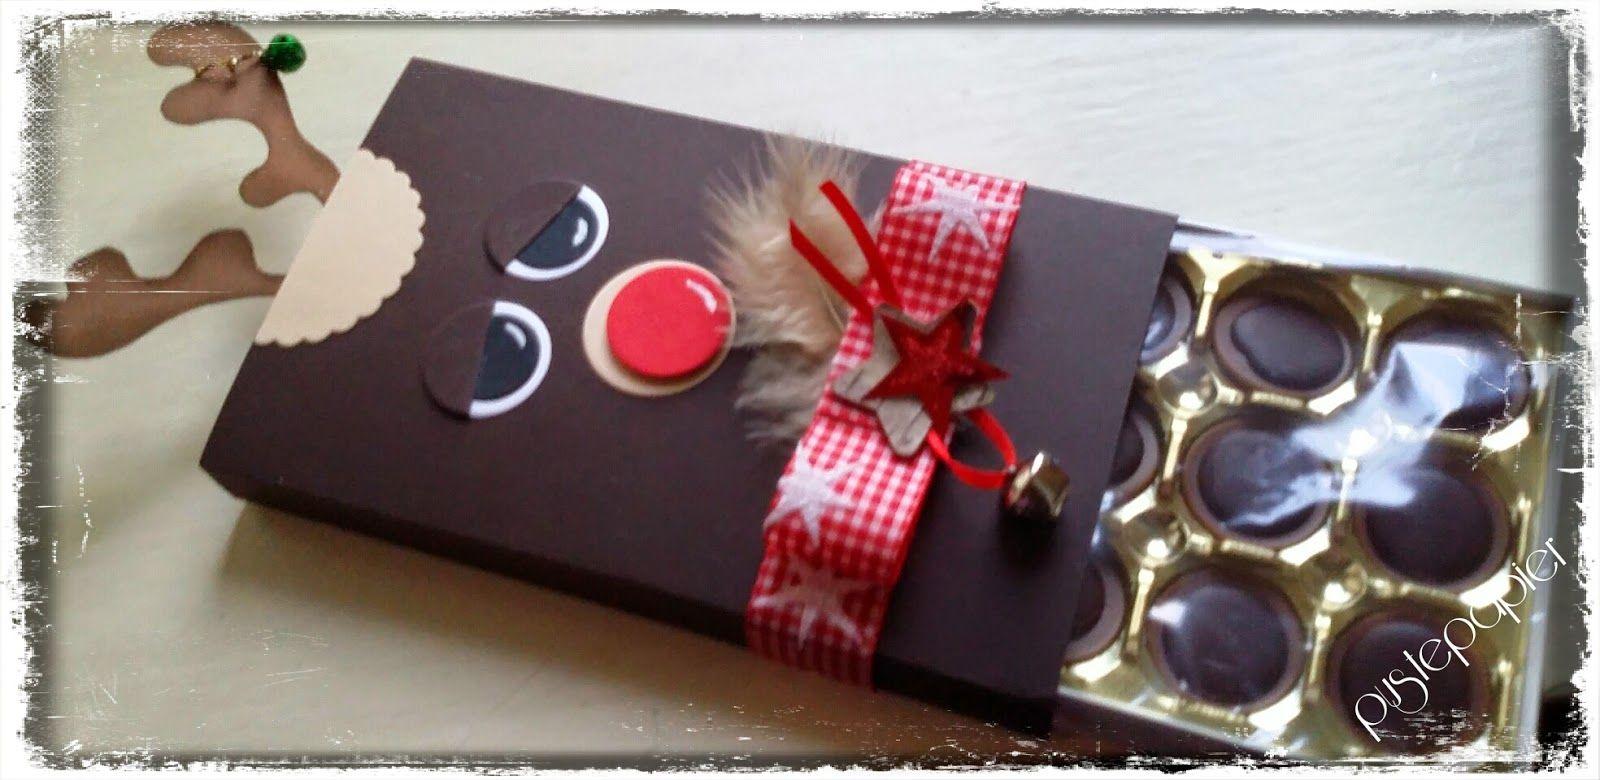 Toffifee Verpackung, Geschenke, basteln, Weihnachten, Elch ...